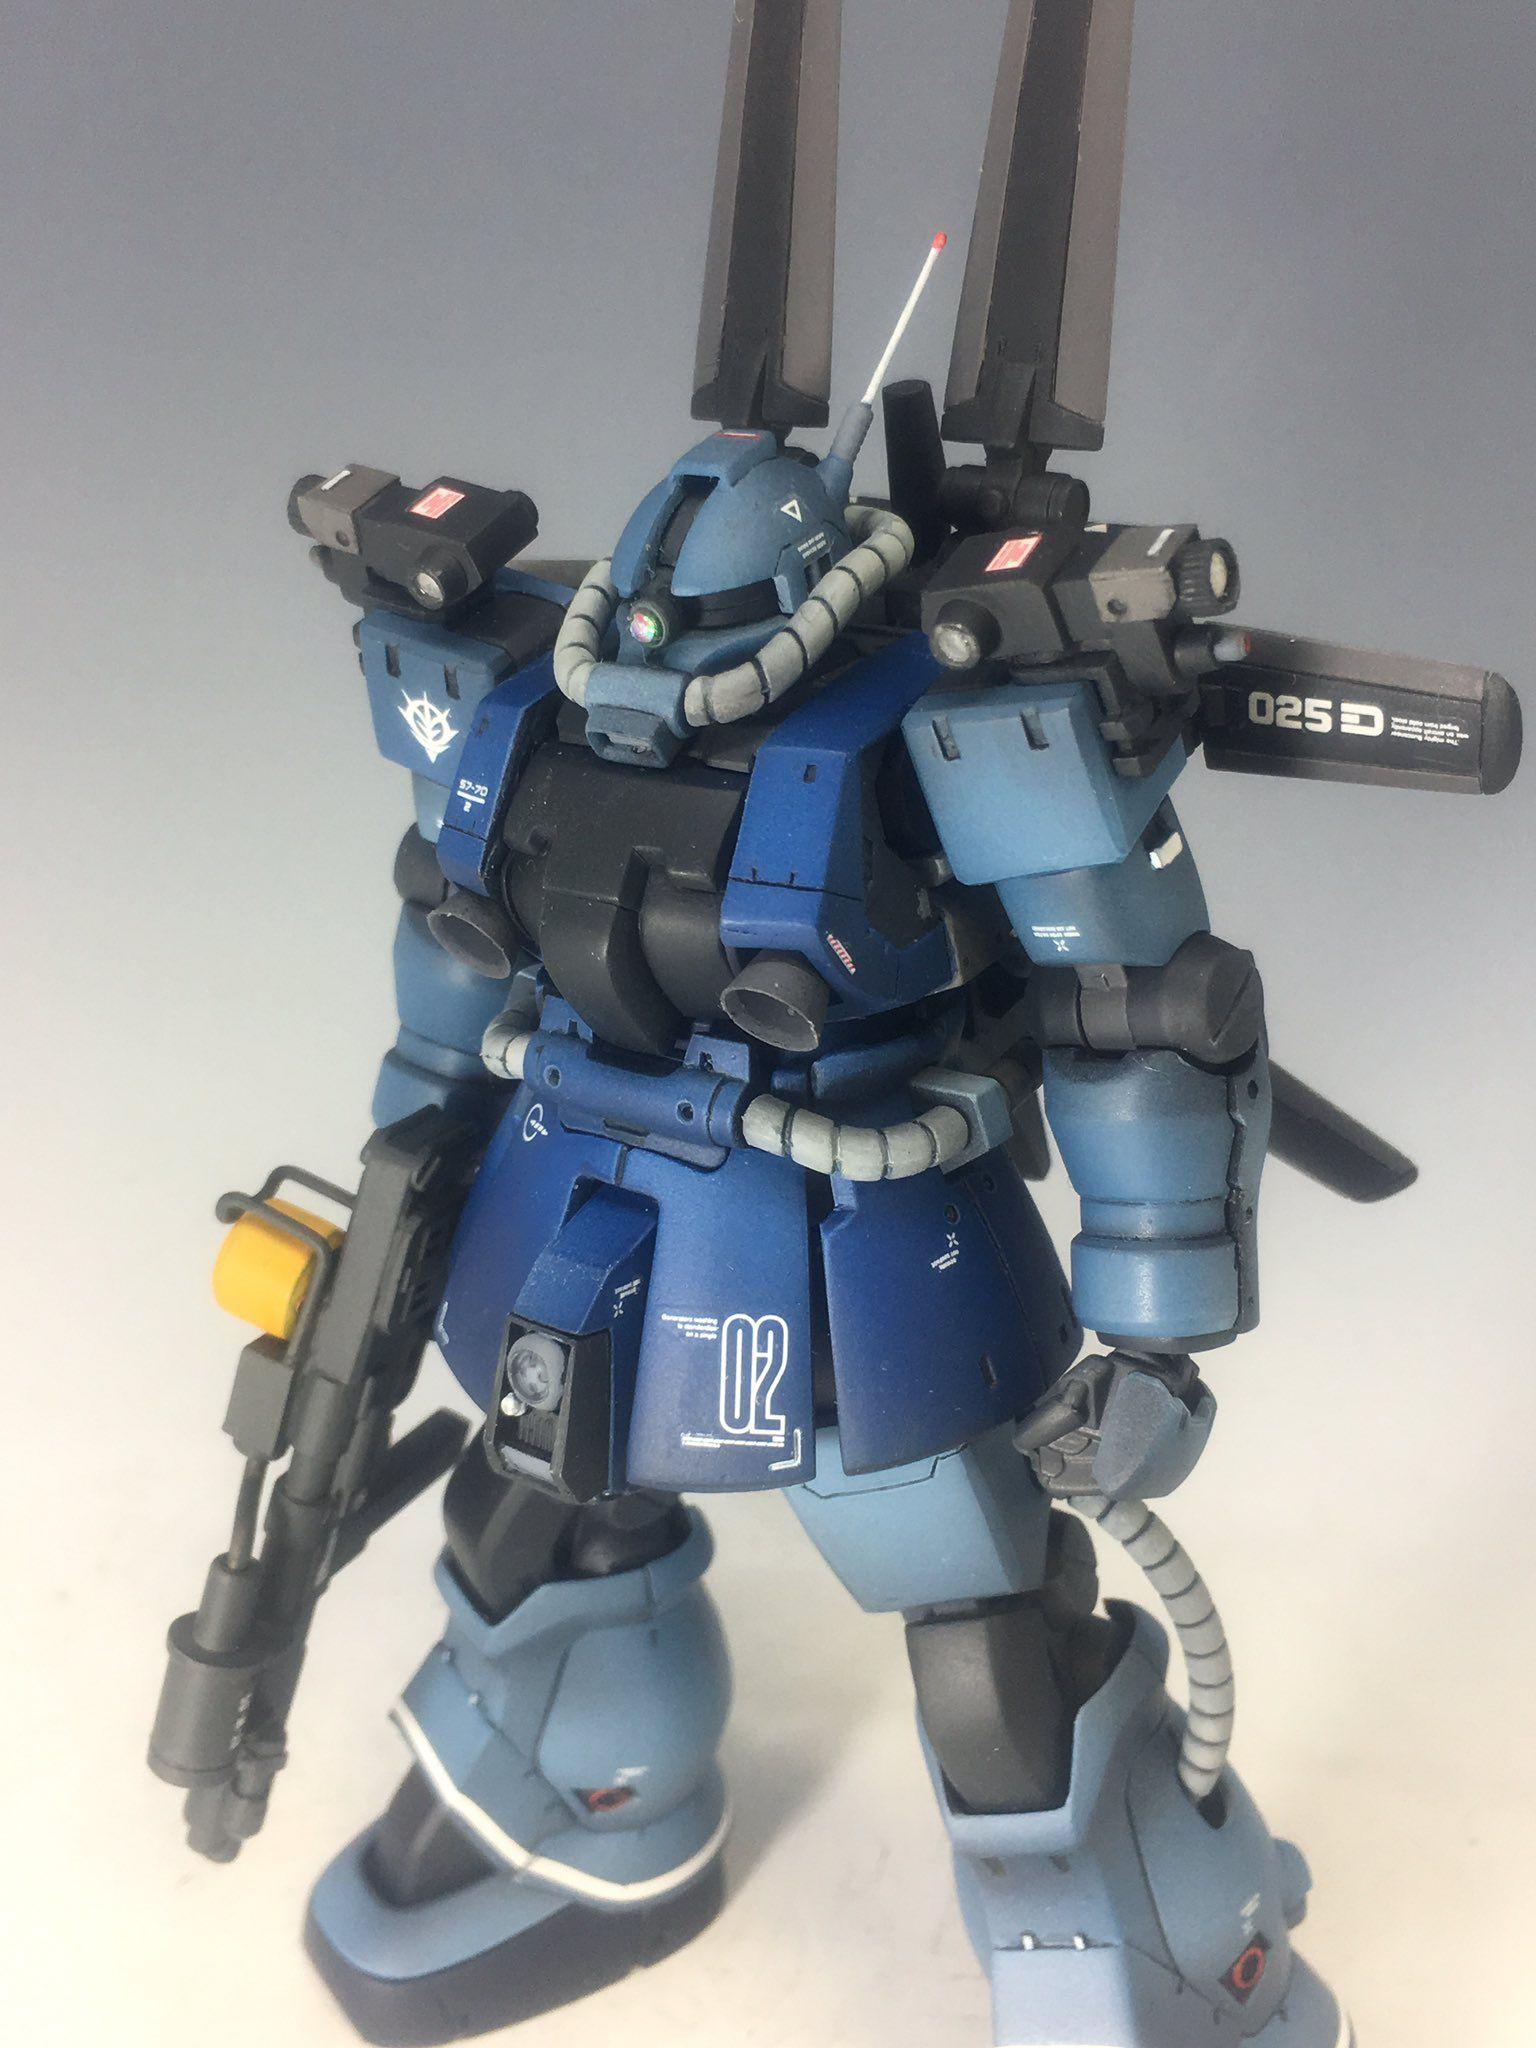 Pin by Gunpla Jagat Raya on Gunpla Custom Build Ideas | Gundam model